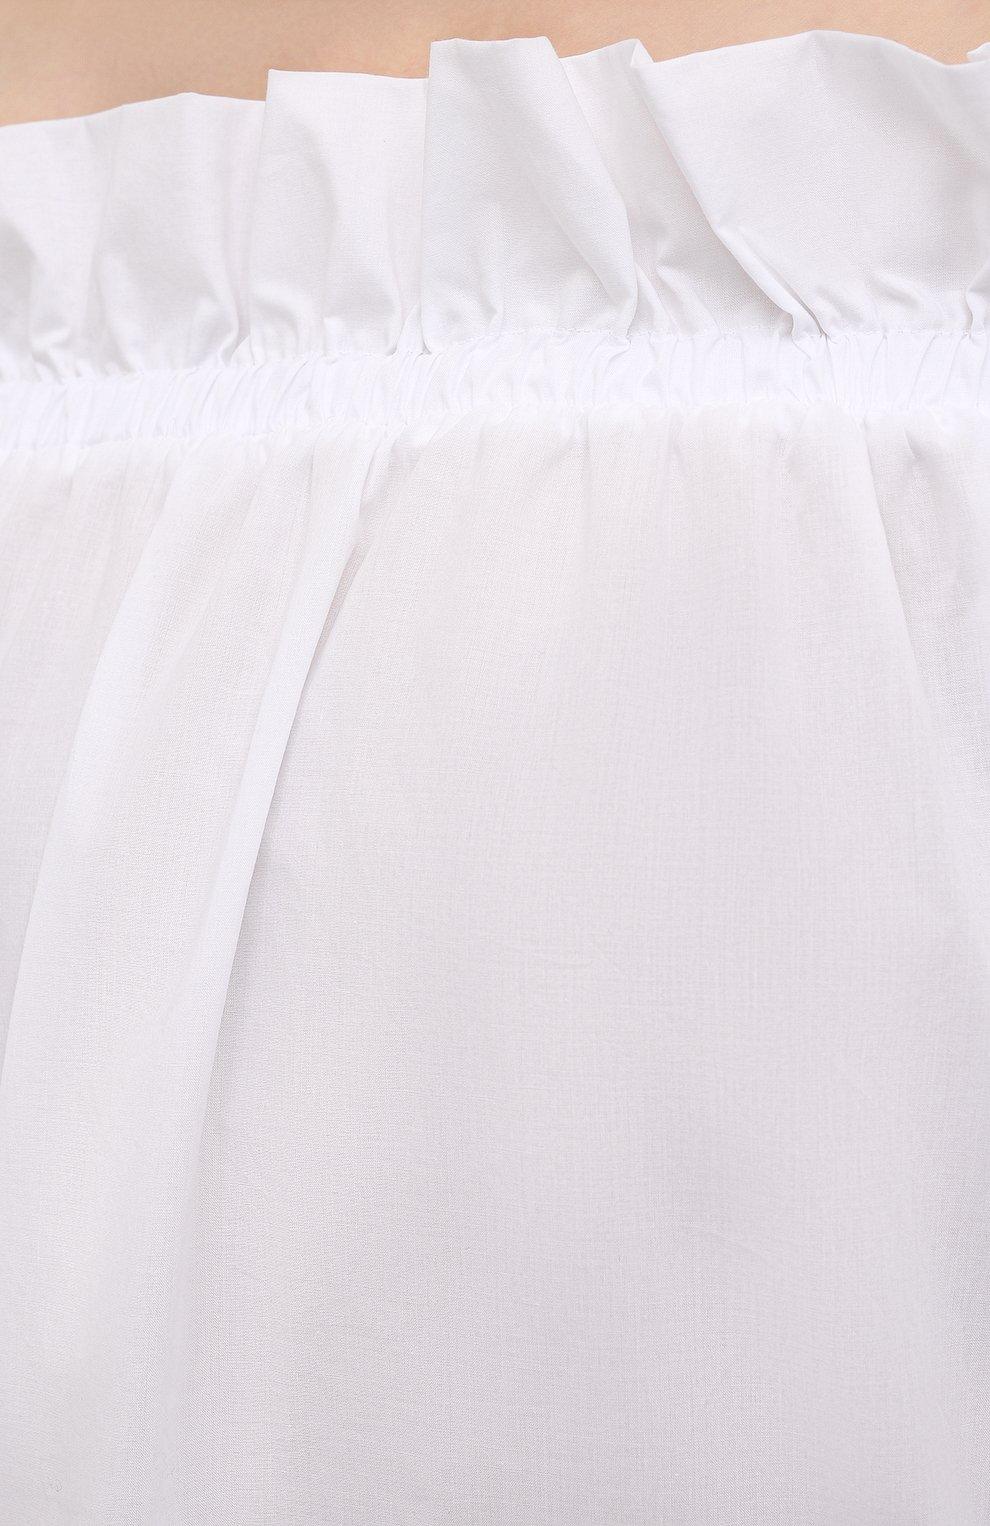 Женский хлопковый топ SARA ROKA белого цвета, арт. ISIDE/02-S21 | Фото 5 (Длина (для топов): Стандартные; Материал внешний: Хлопок; Стили: Спорт-шик; Рукава: 3/4; Кросс-КТ: с рукавом)